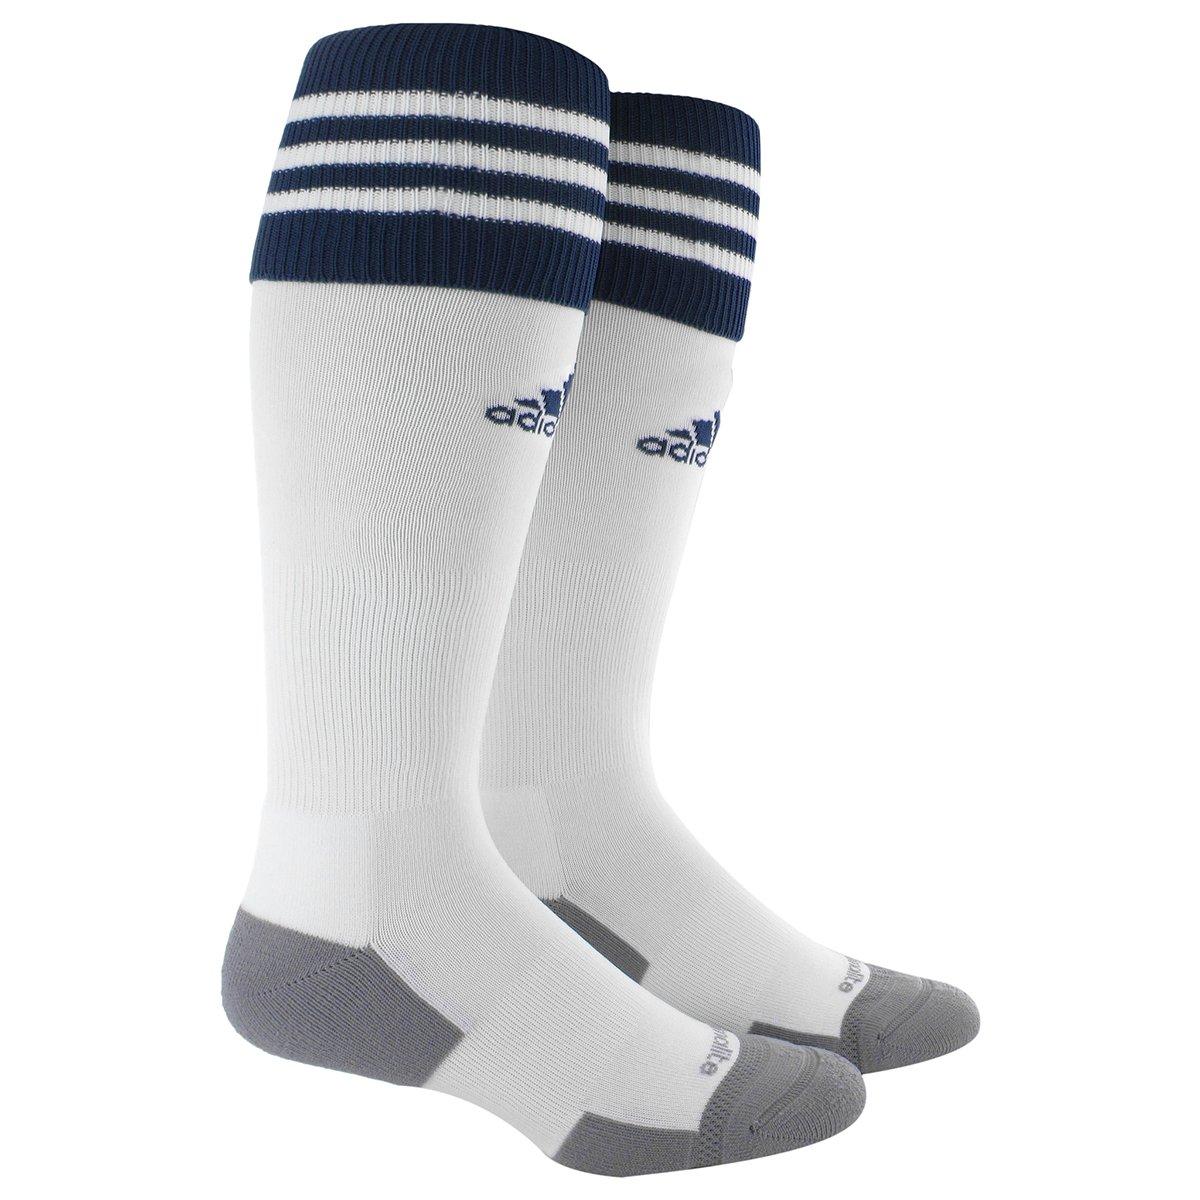 Adidas Copa Zone Kissen II Socke B00DF0SN24 B00DF0SN24 B00DF0SN24 Strümpfe & Stutzen Billig ideal b1c2e6